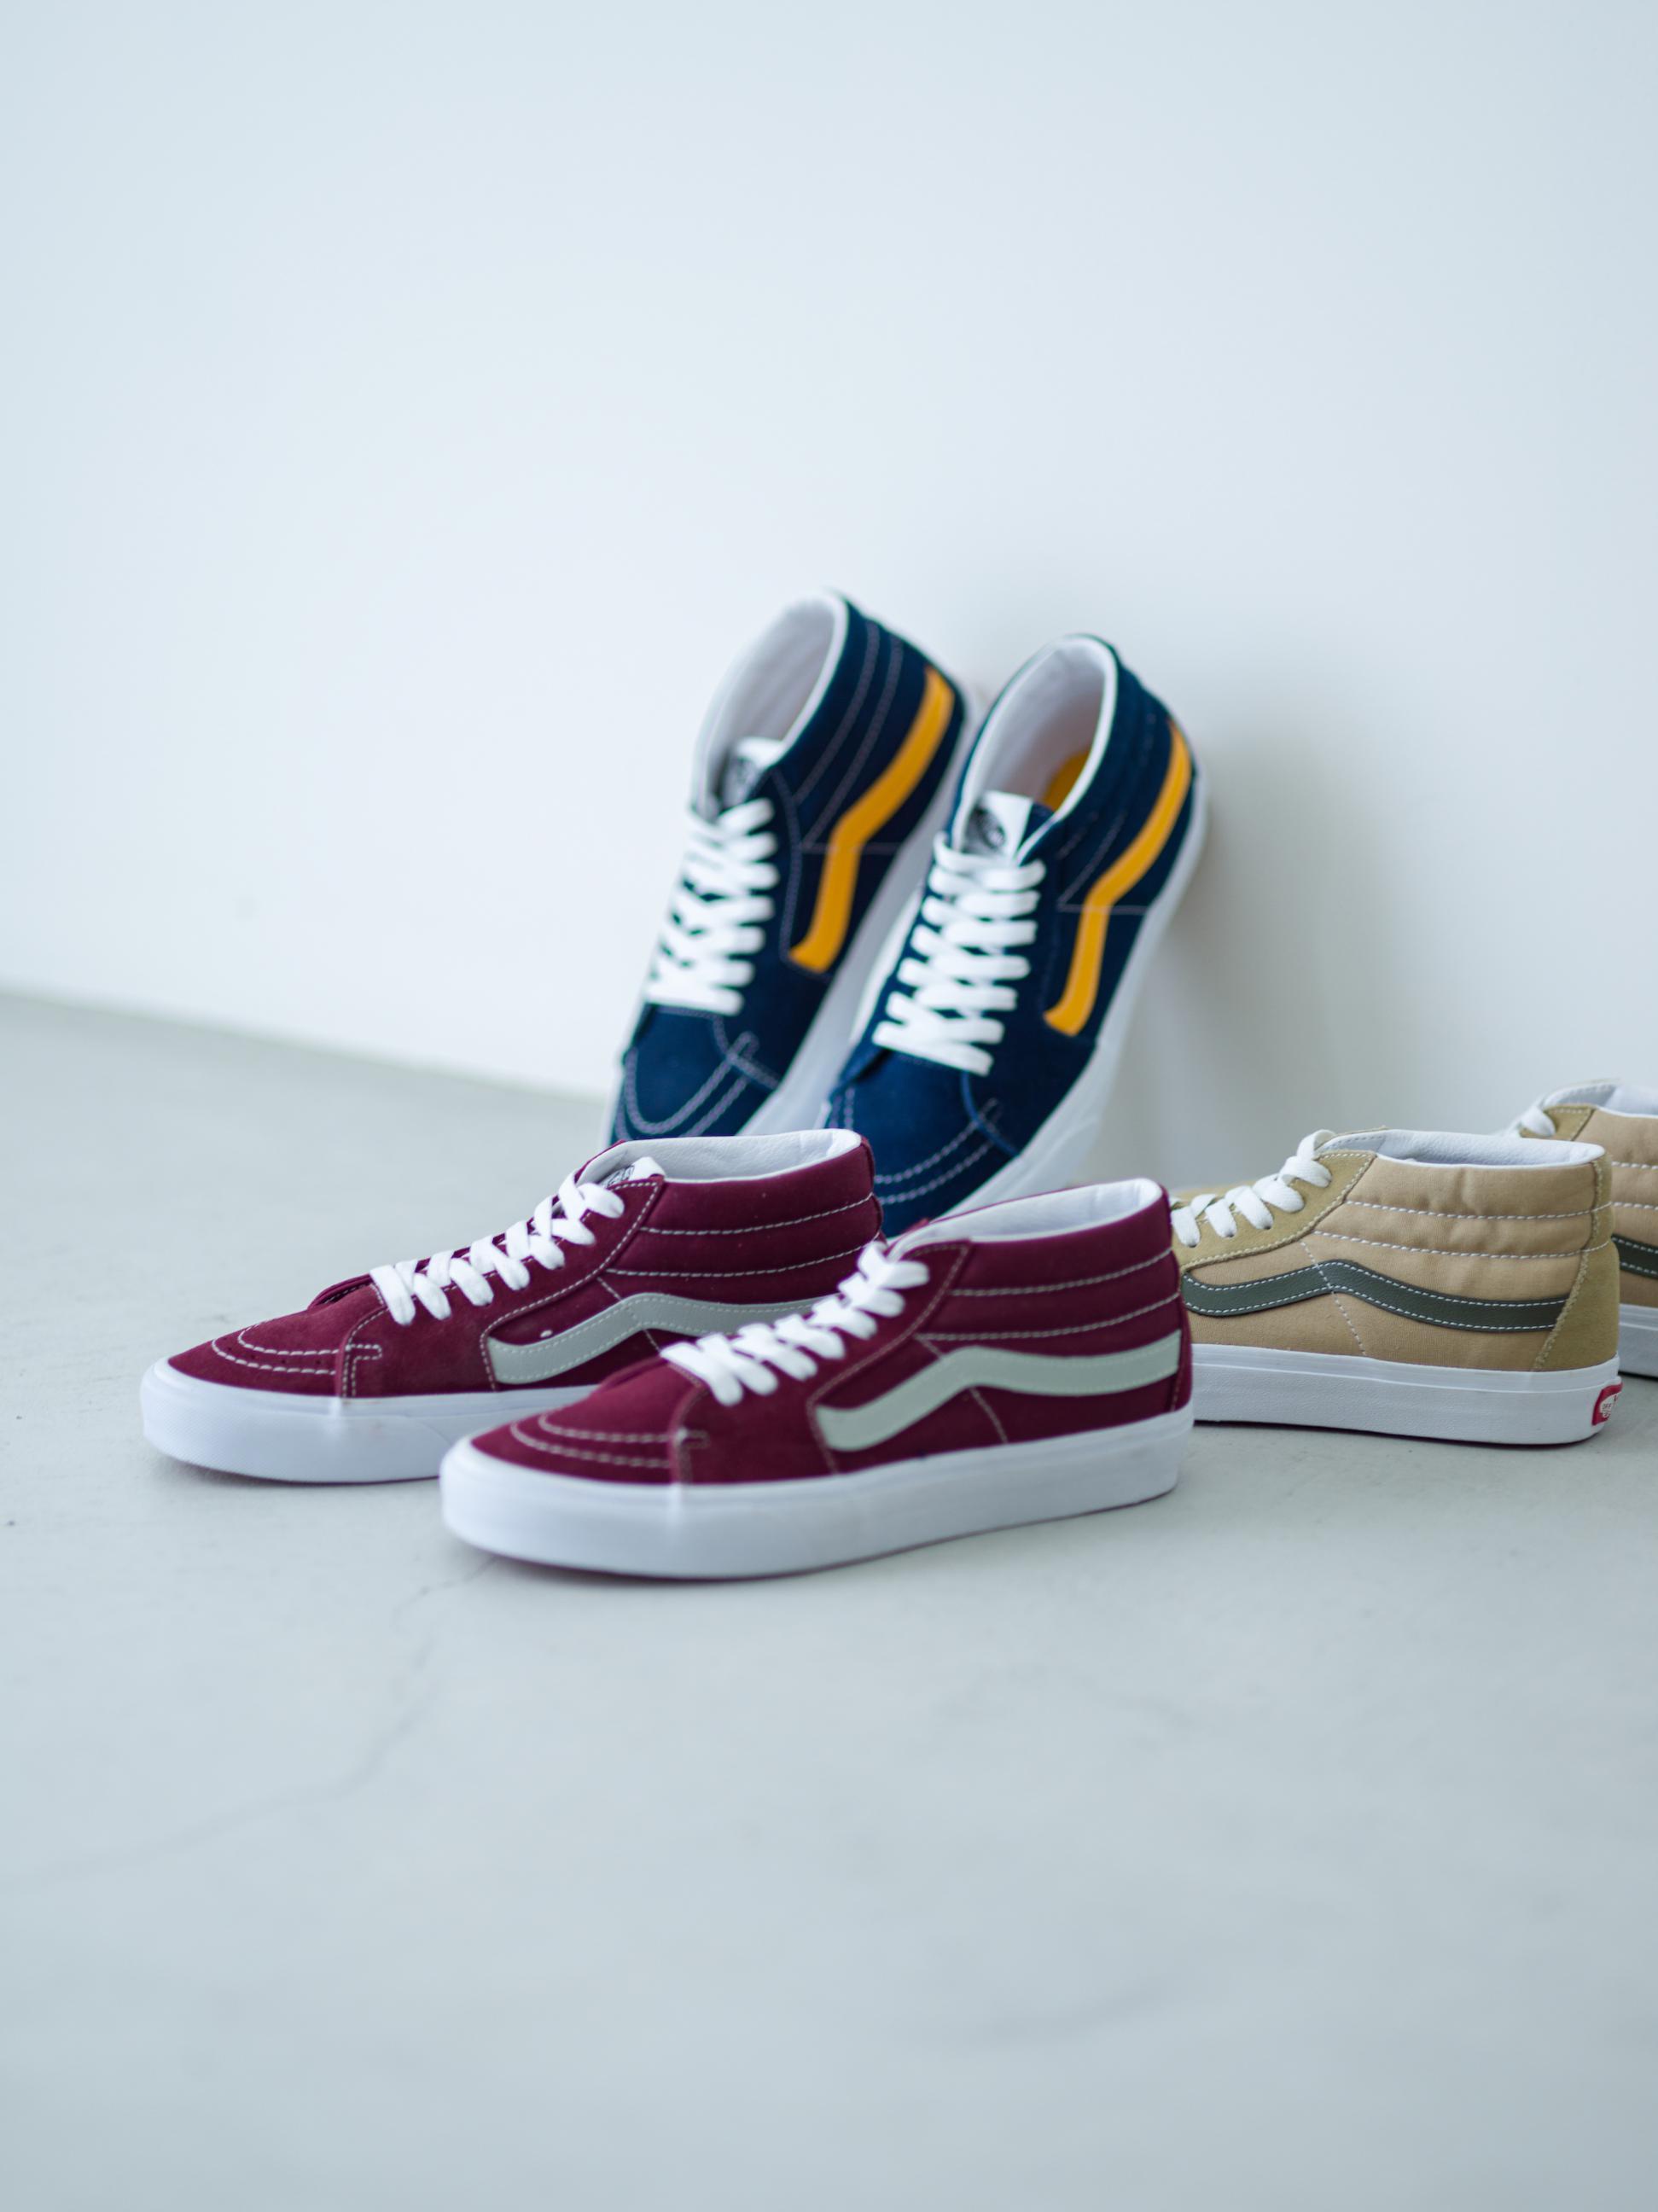 32) Shoes ¥9,350  Shoes ¥9,350  Shoes ¥9,350